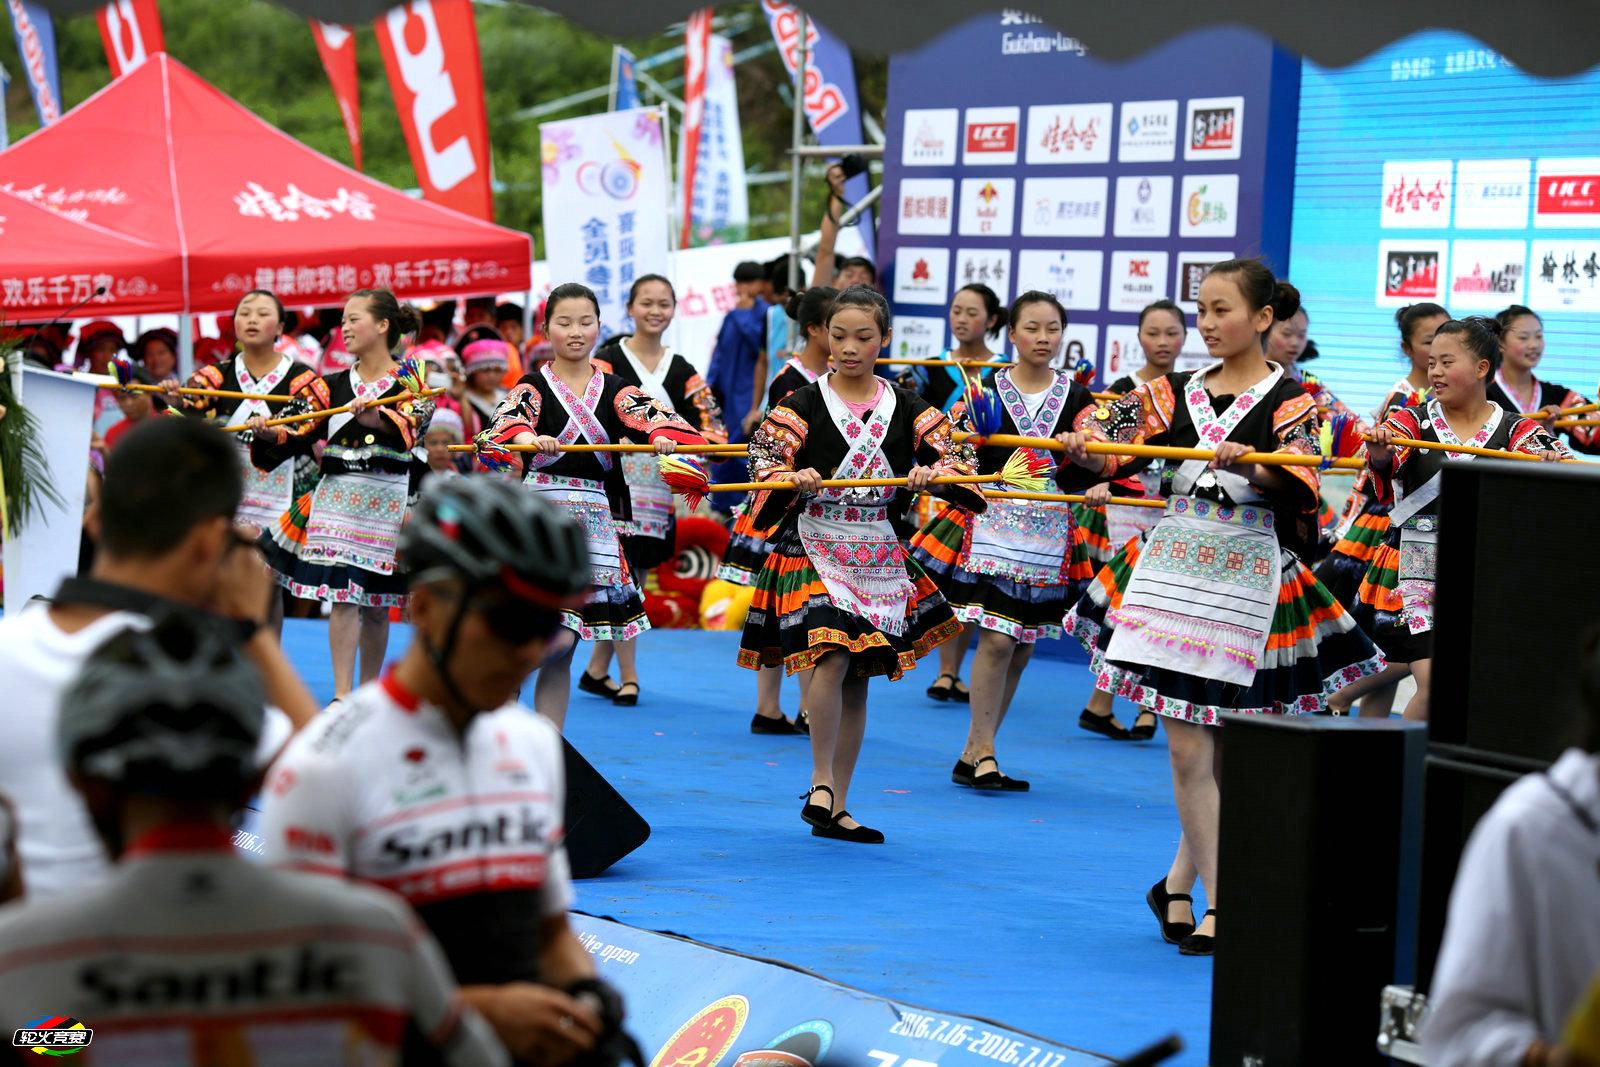 04 2016中国山地自行车公开赛贵州龙里站.JPG